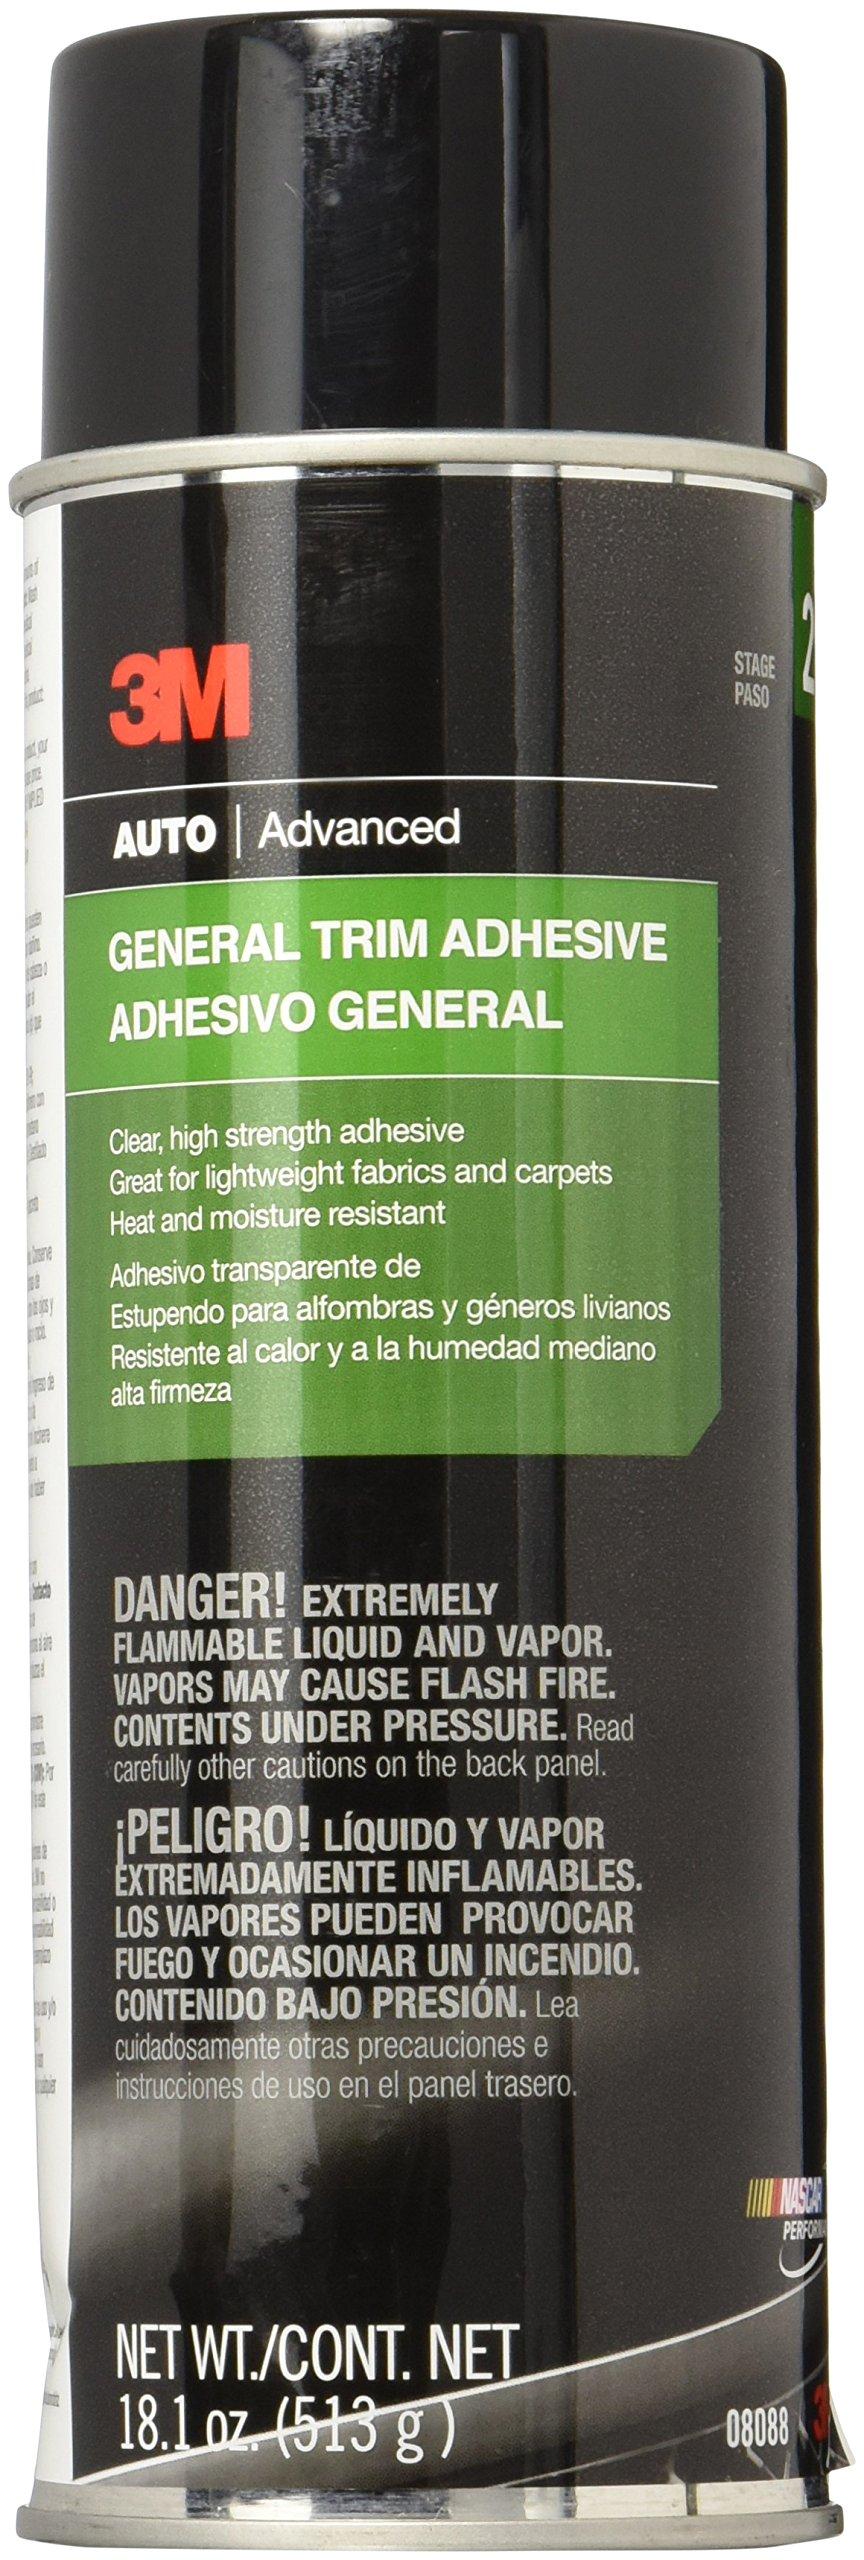 3M 08088 General Trim Adhesive - 18.1 oz. by 3M